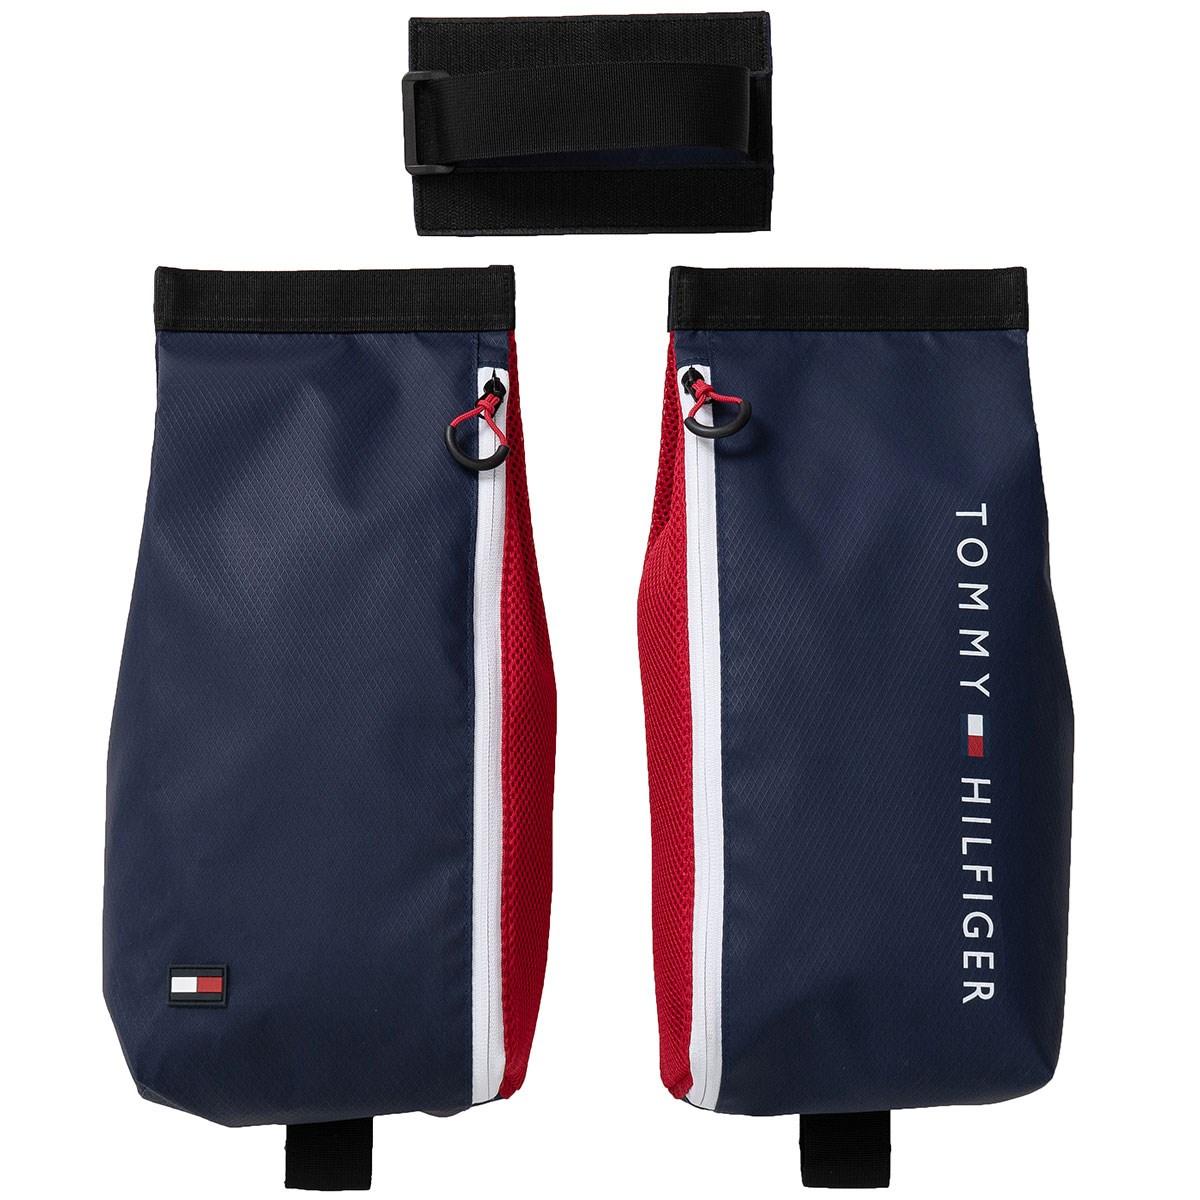 [2020年モデル] トミー ヒルフィガー ゴルフ TRAIN シューズケース ネイビー 30 メンズ